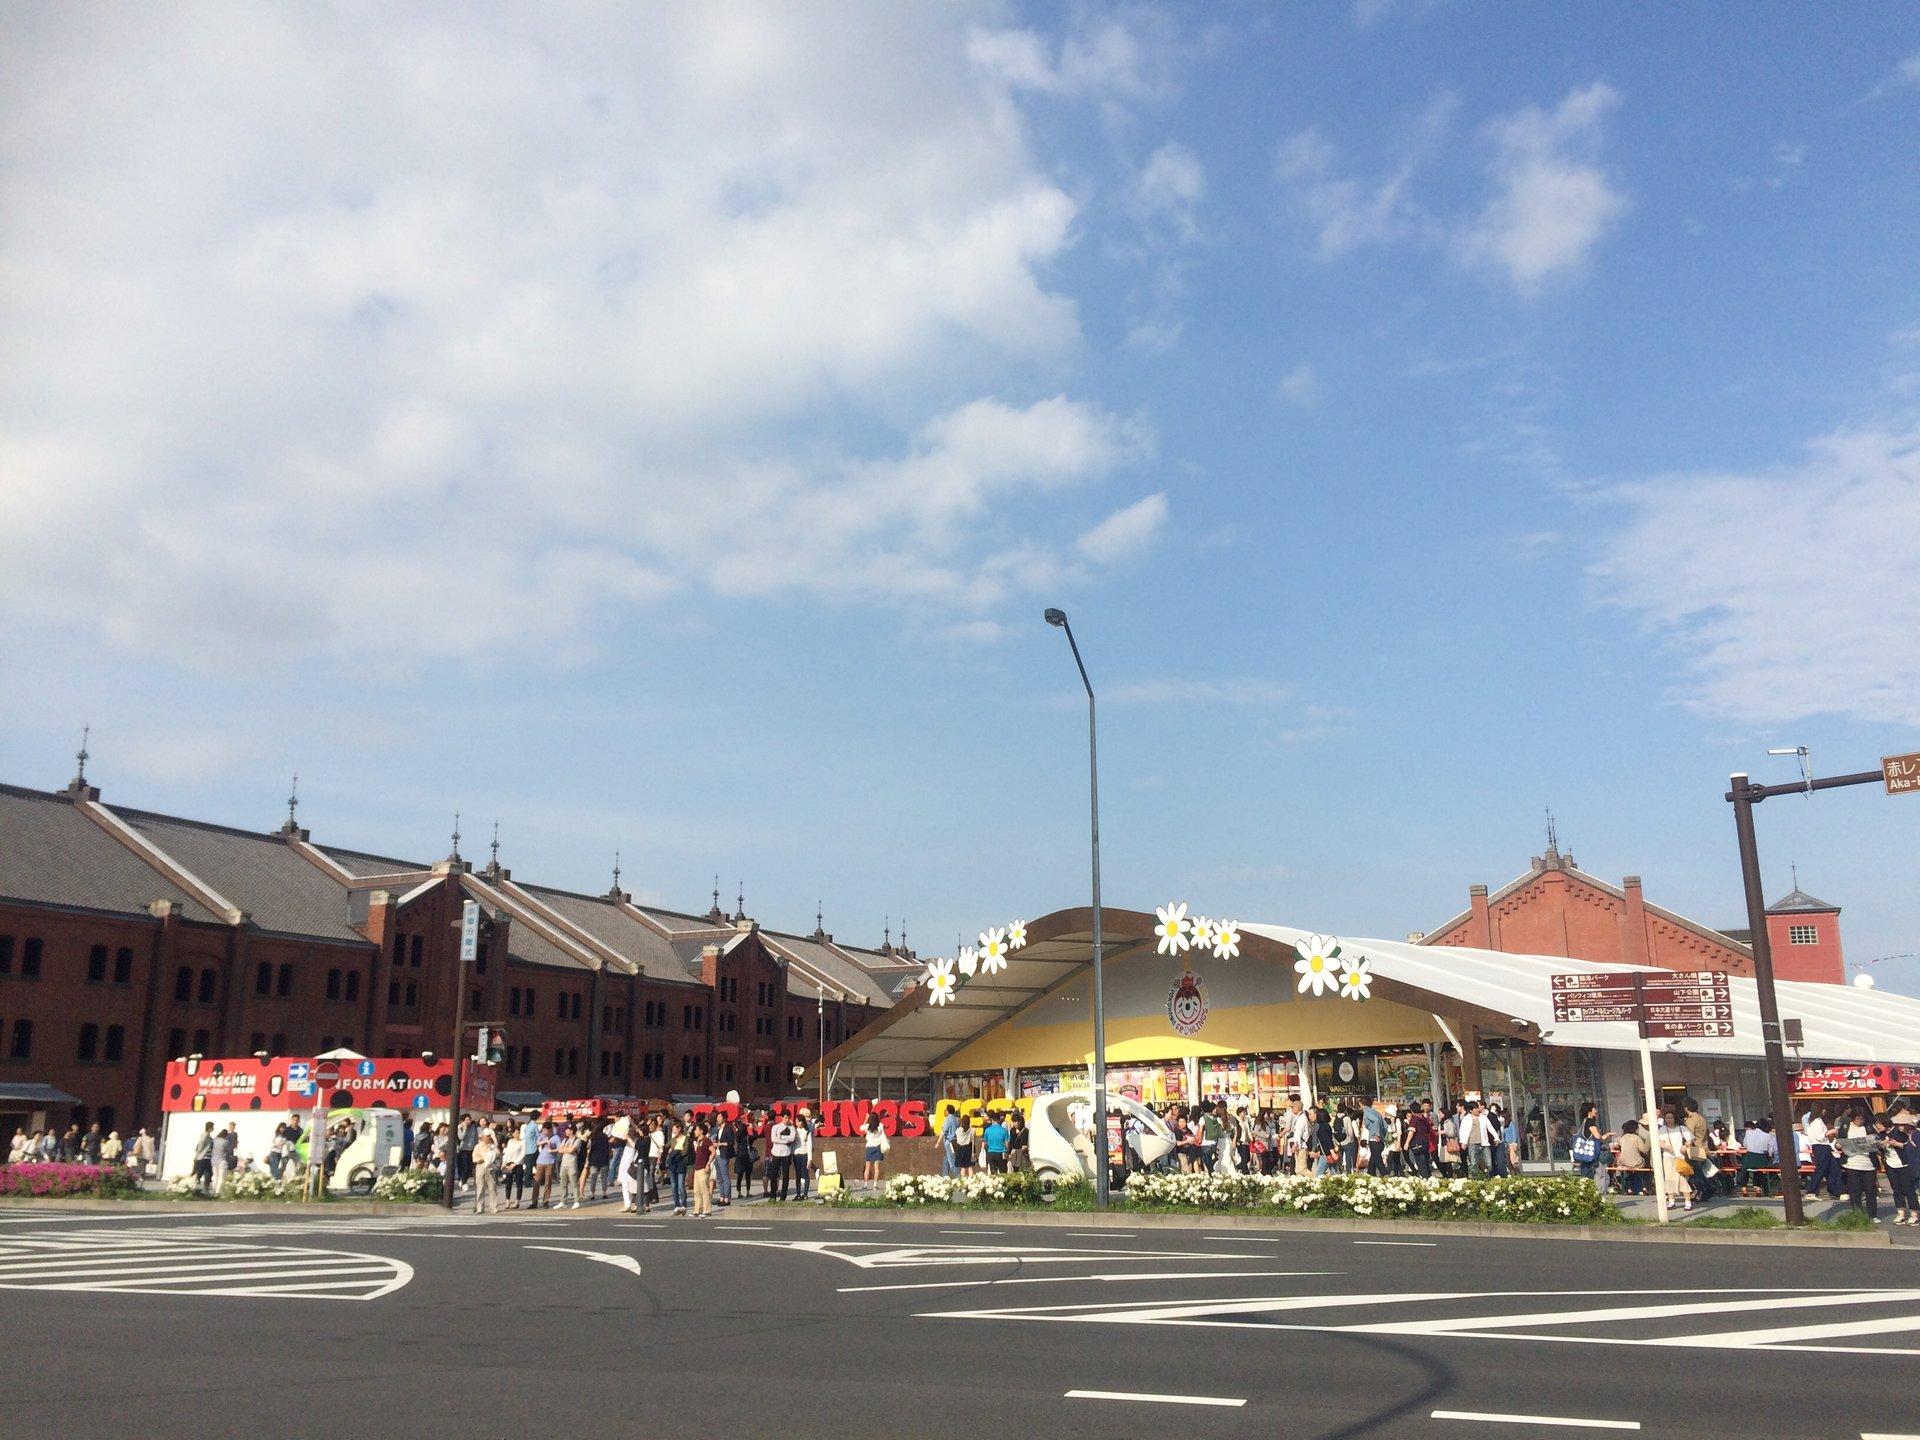 赤レンガ倉庫でドイツフェスタ開催!ゴールデンウィークにオススメです!